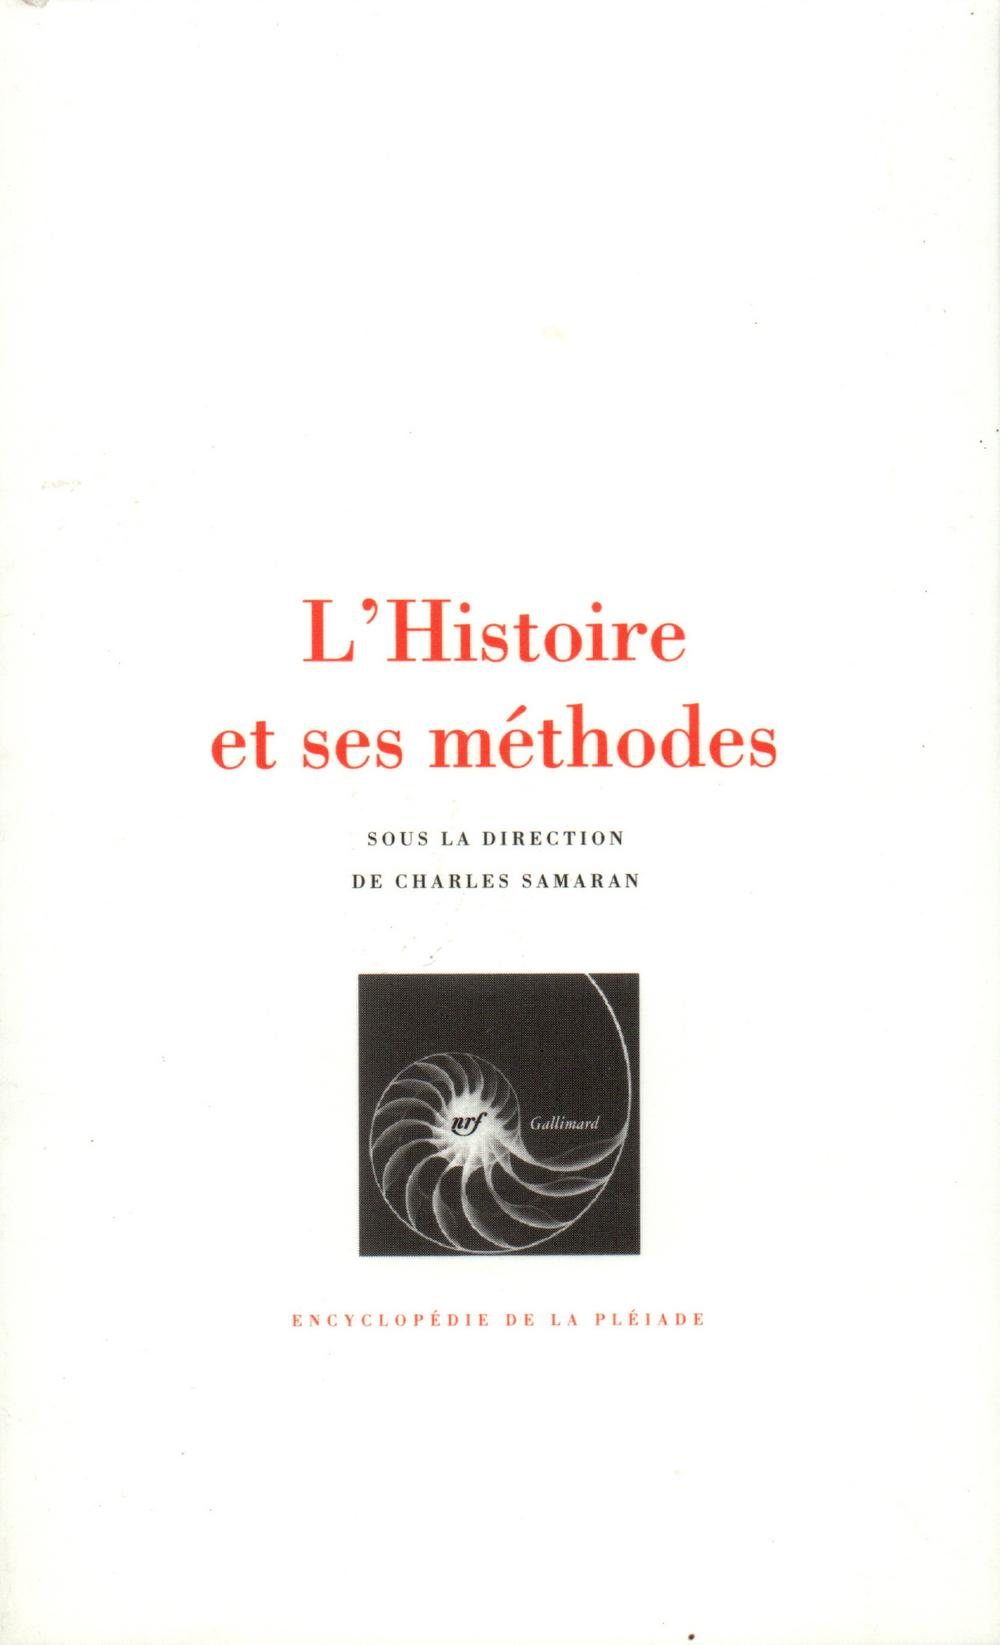 L'HISTOIRE ET SES METHODES